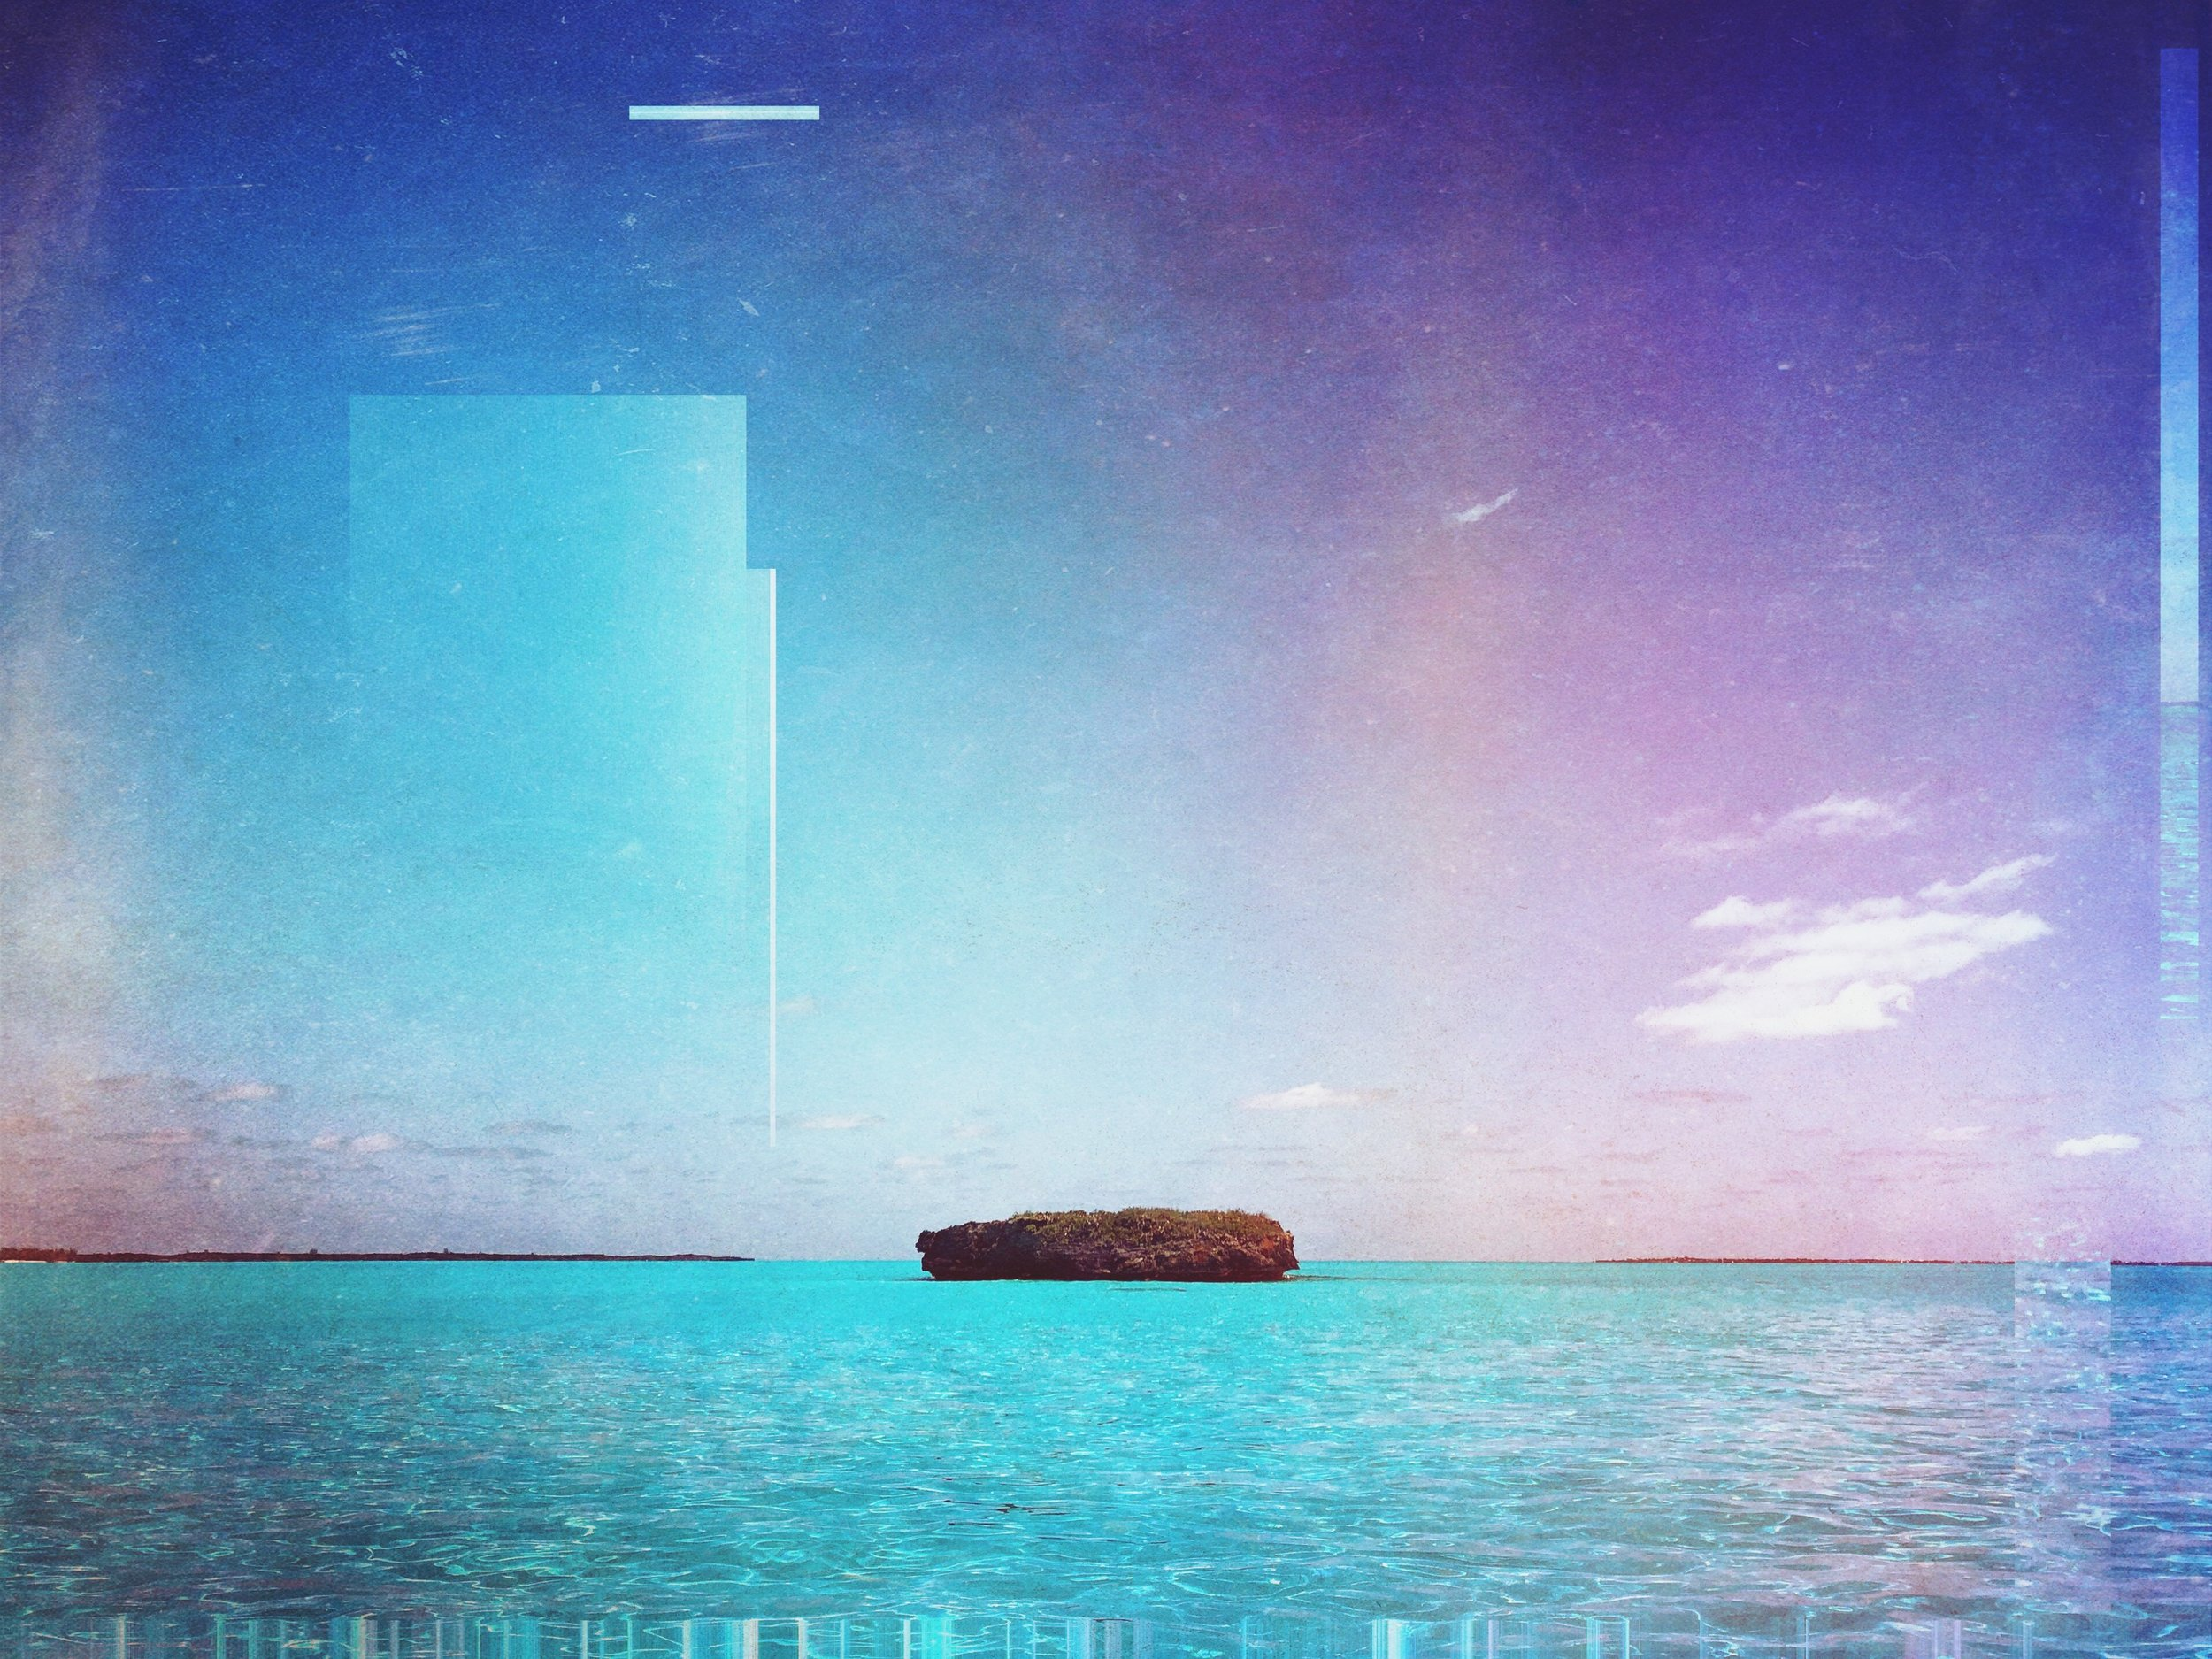 jonathan_laurence_gltch_glitch-island.JPG